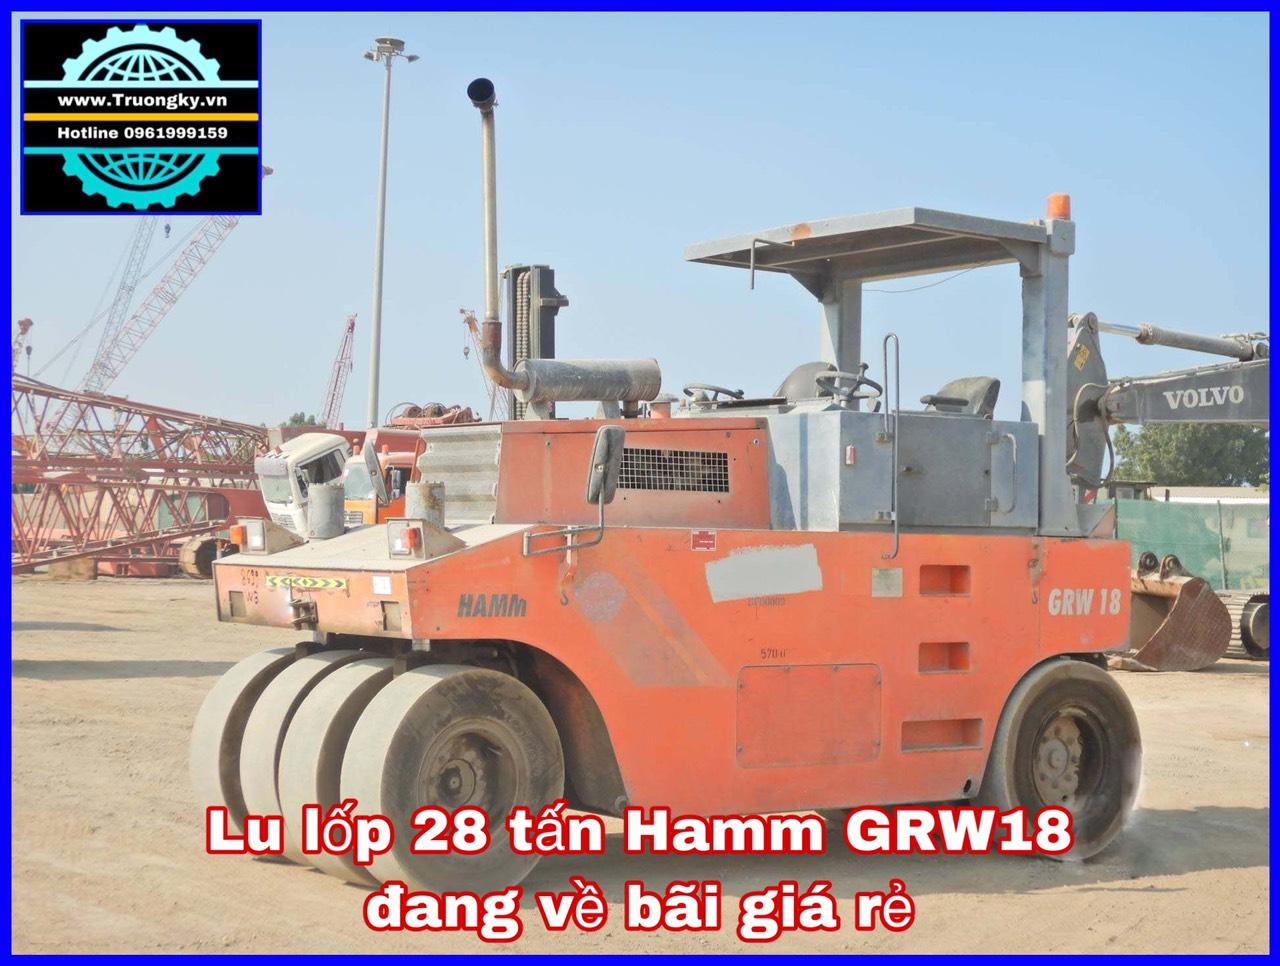 Lu lốp 28 tấn Hamm GRW18 đang về bãi